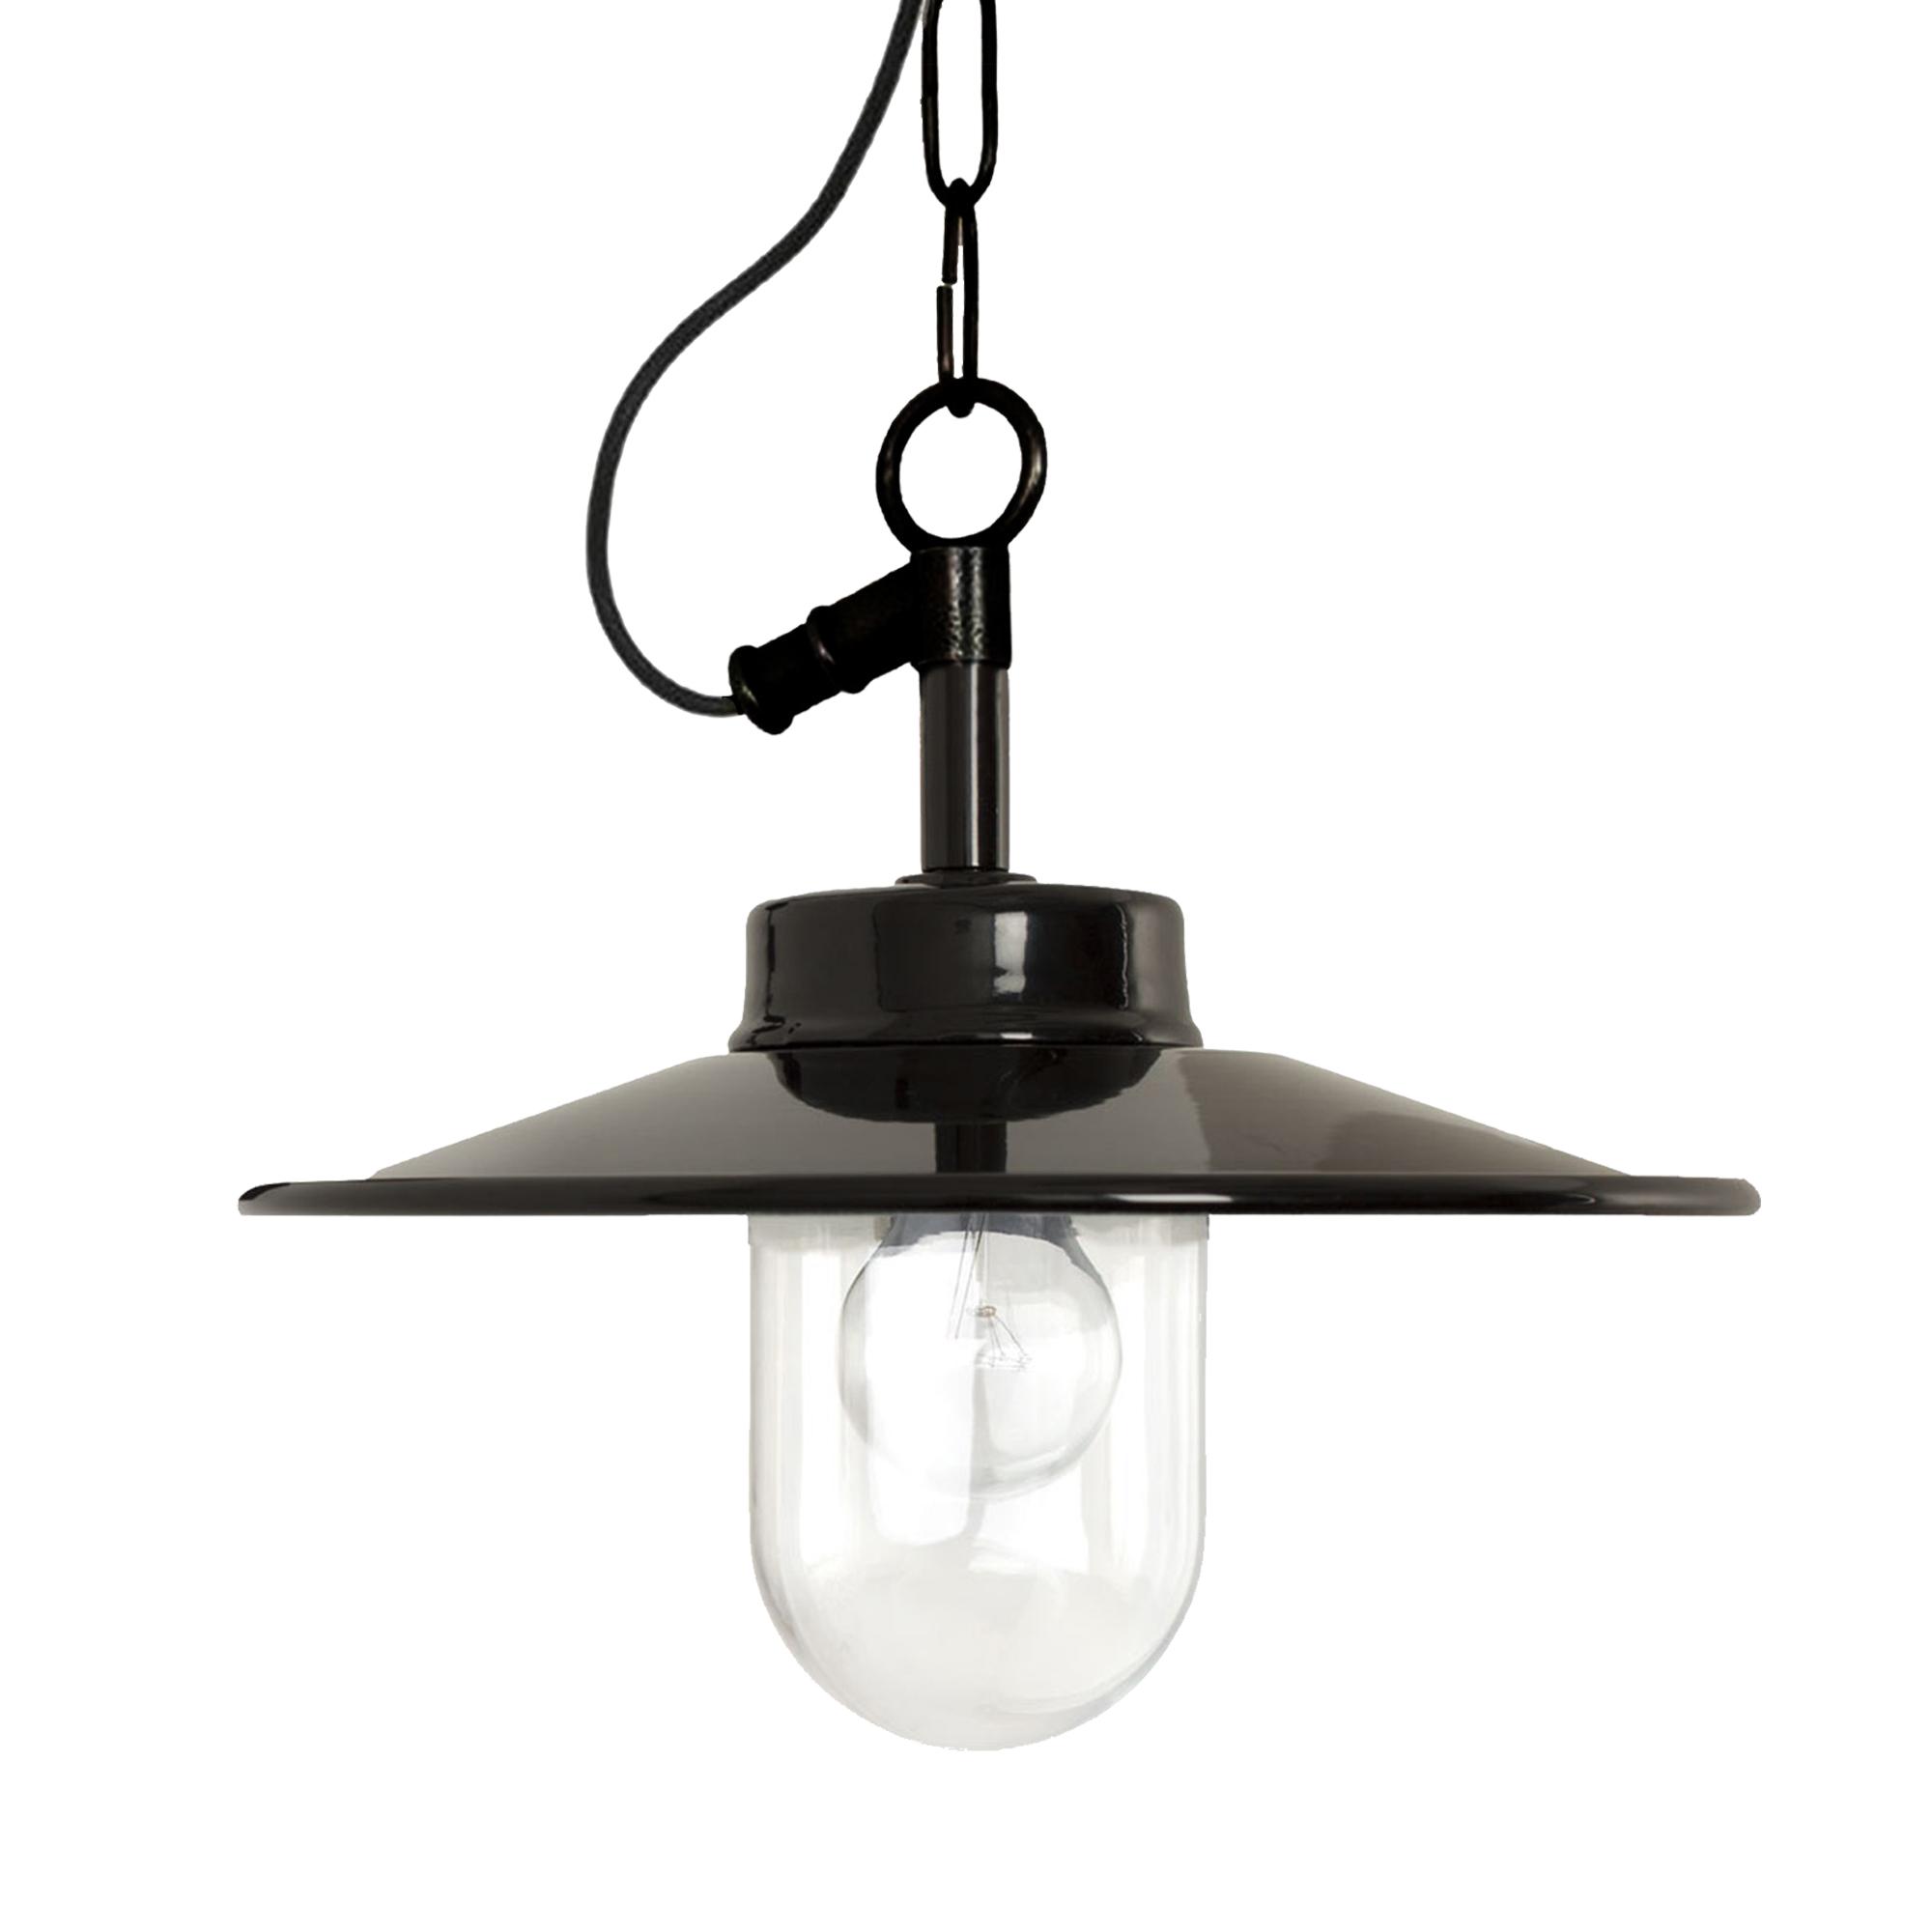 Hanglamp Vita aan Ketting